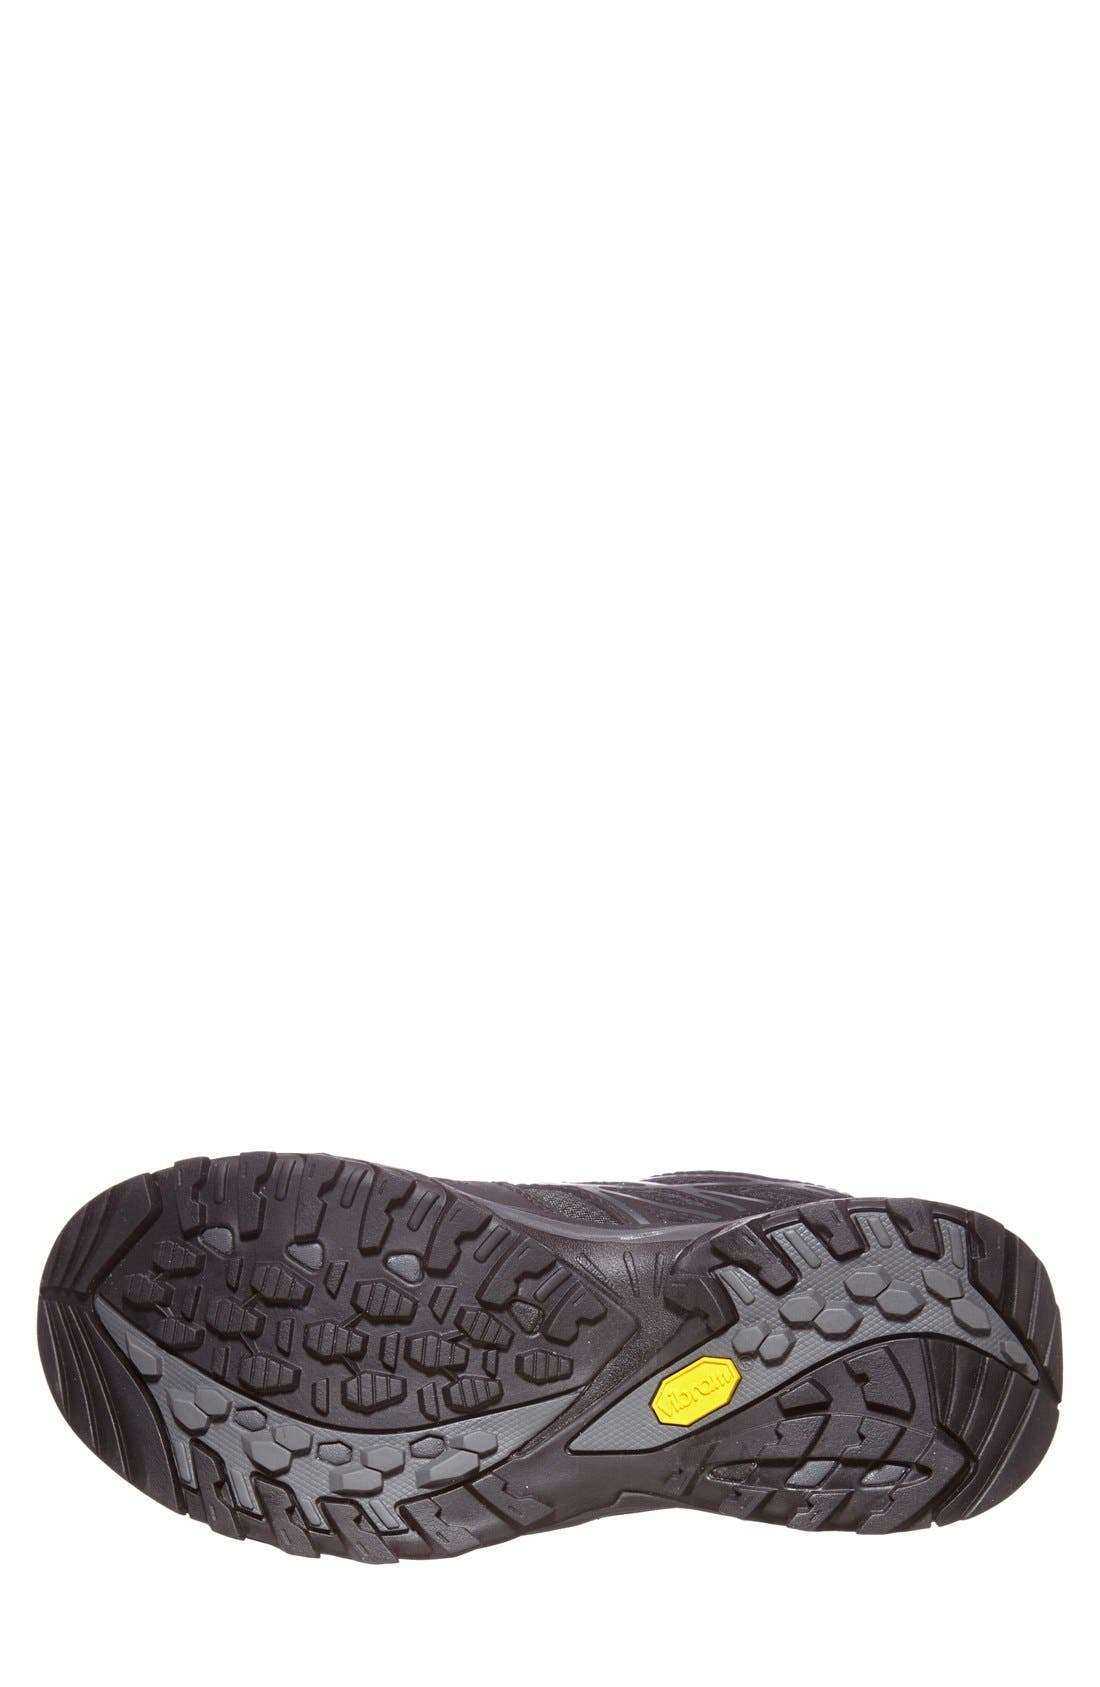 'Hedgehog Fastpack' Gore-Tex<sup>®</sup> Waterproof Hiking Shoe,                             Alternate thumbnail 4, color,                             001